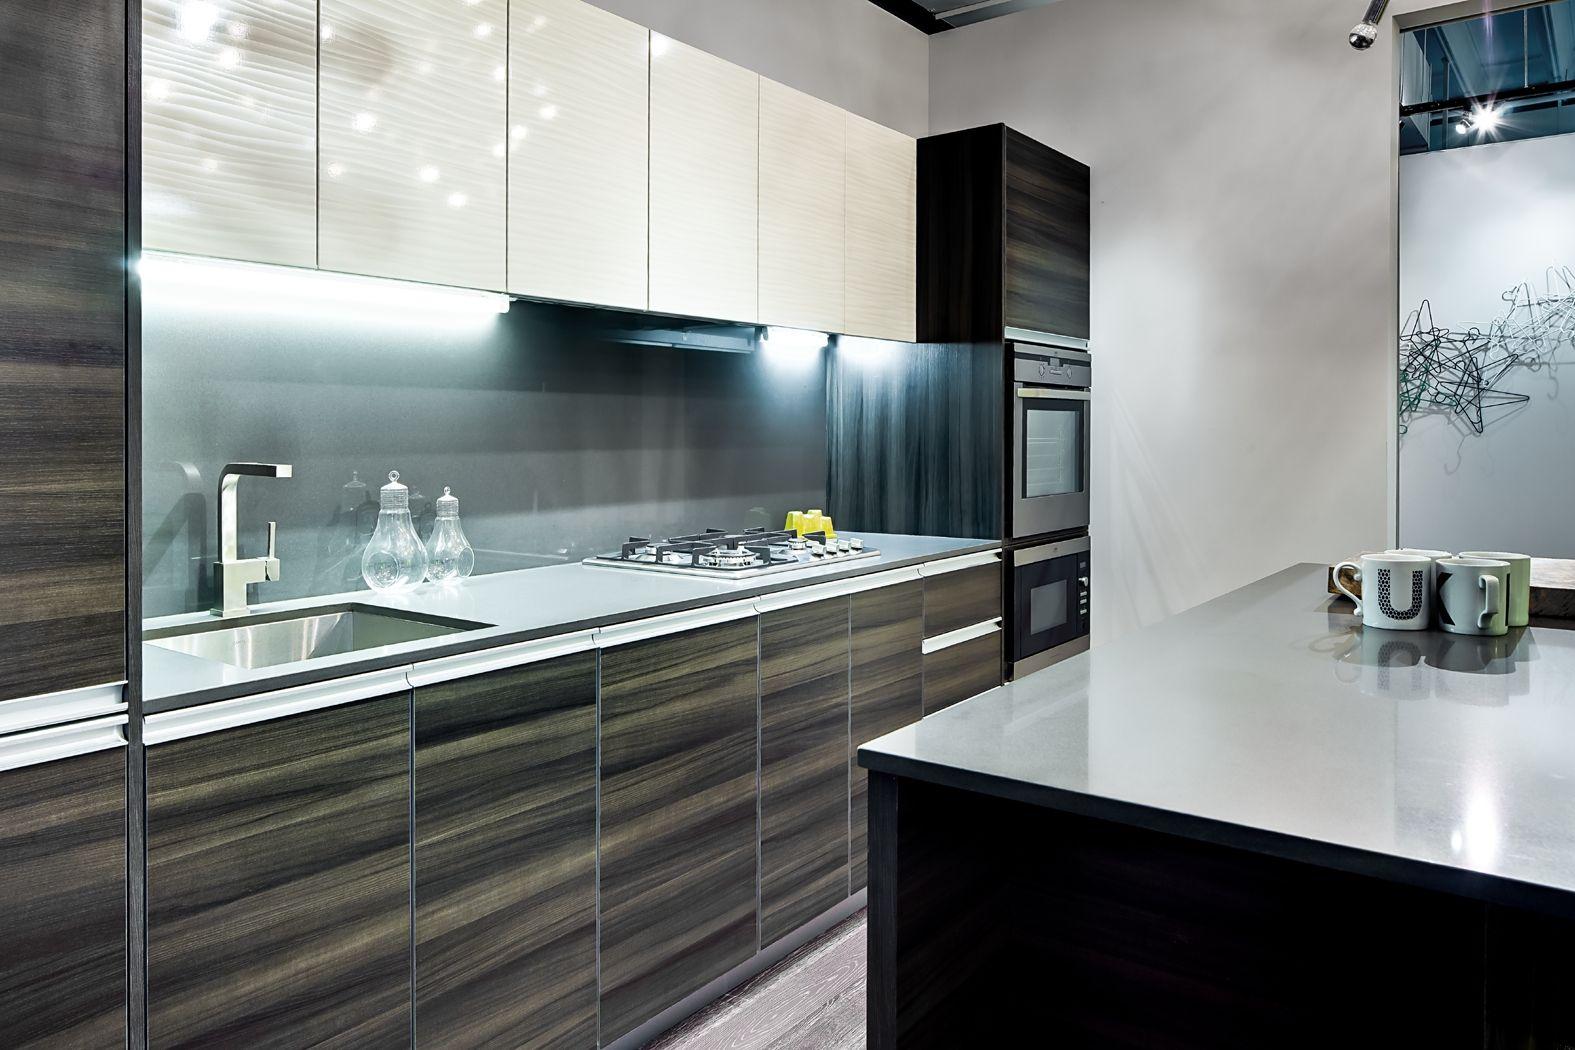 Kitchen Charming White High Gloss Kitchen Cabinet Inspiration In Grey Kitchen Design Contempor Laminate Kitchen Cabinets Laminate Kitchen Modern Kitchen Design